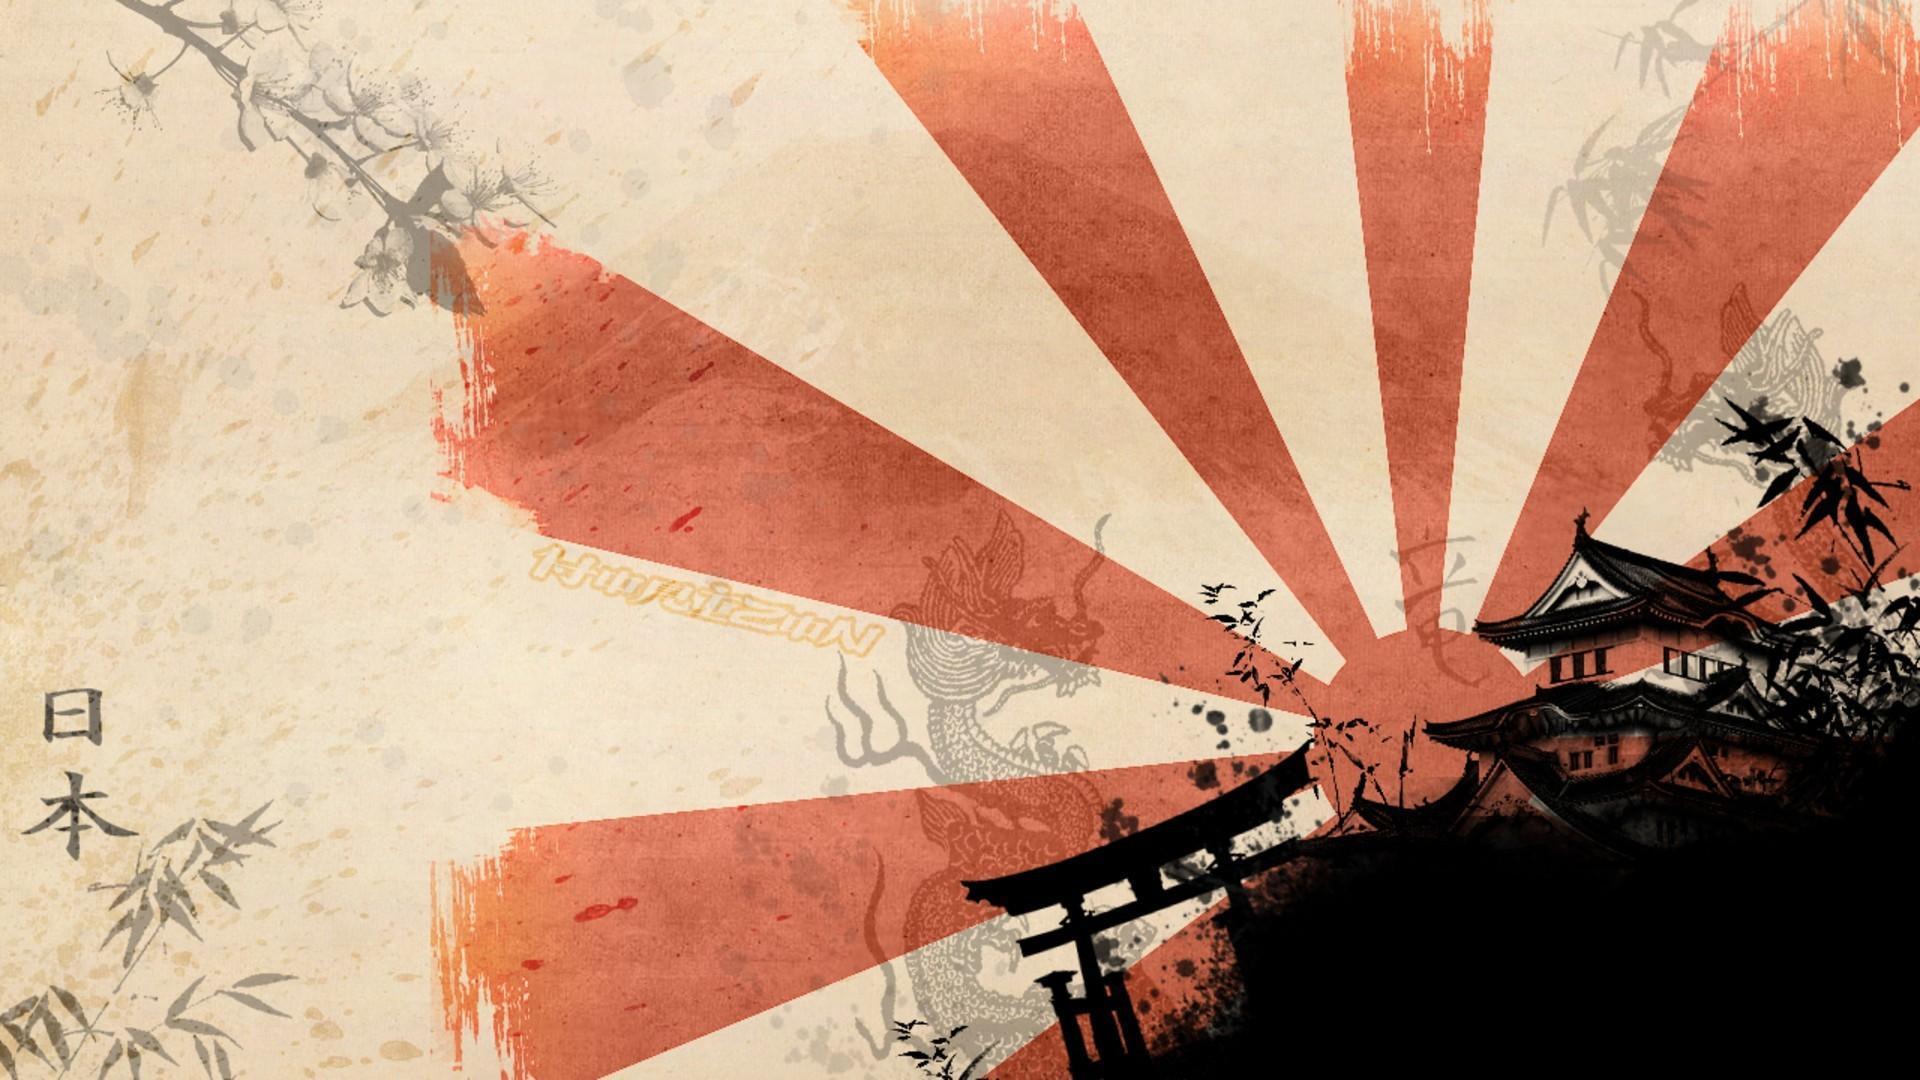 1920x1080 hình nền đền thờ mặt trời mọc Nhật Bản